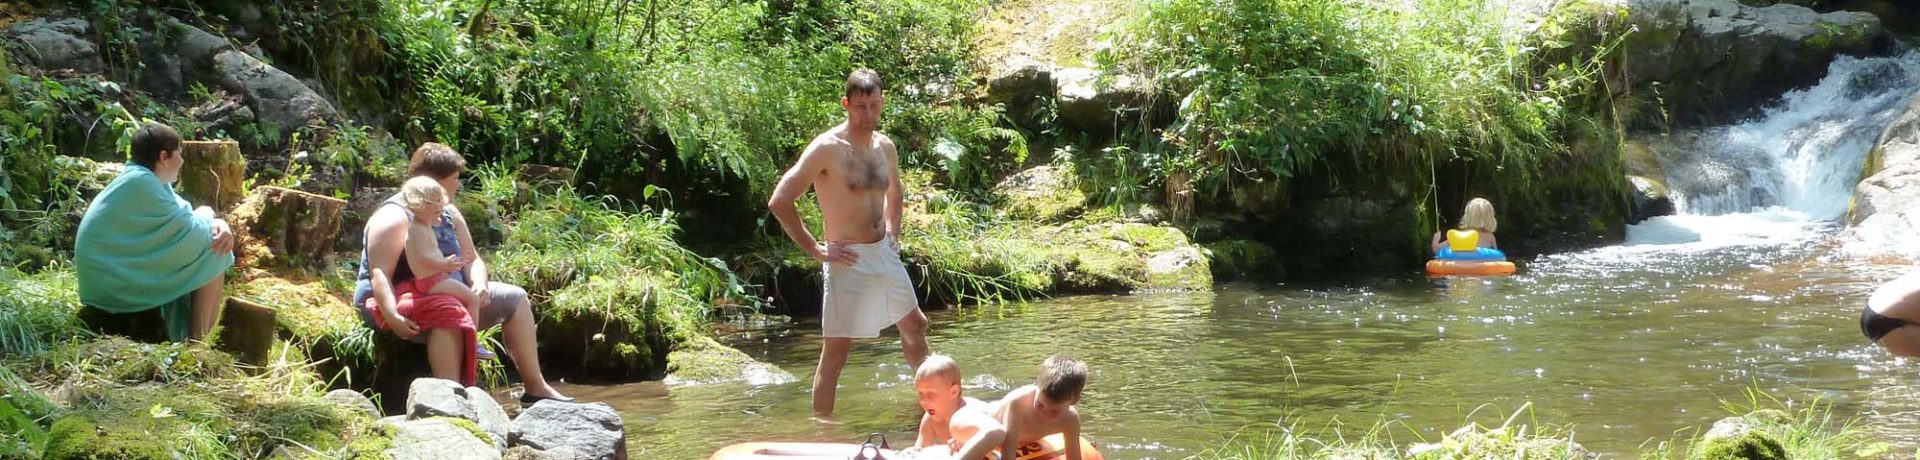 Kom vakantie vieren in Midden-Frankrijk op de gezellige kleine Camping La Chauderie gelegen aan een klein riviertje in het departement Puy-de-Dôme.